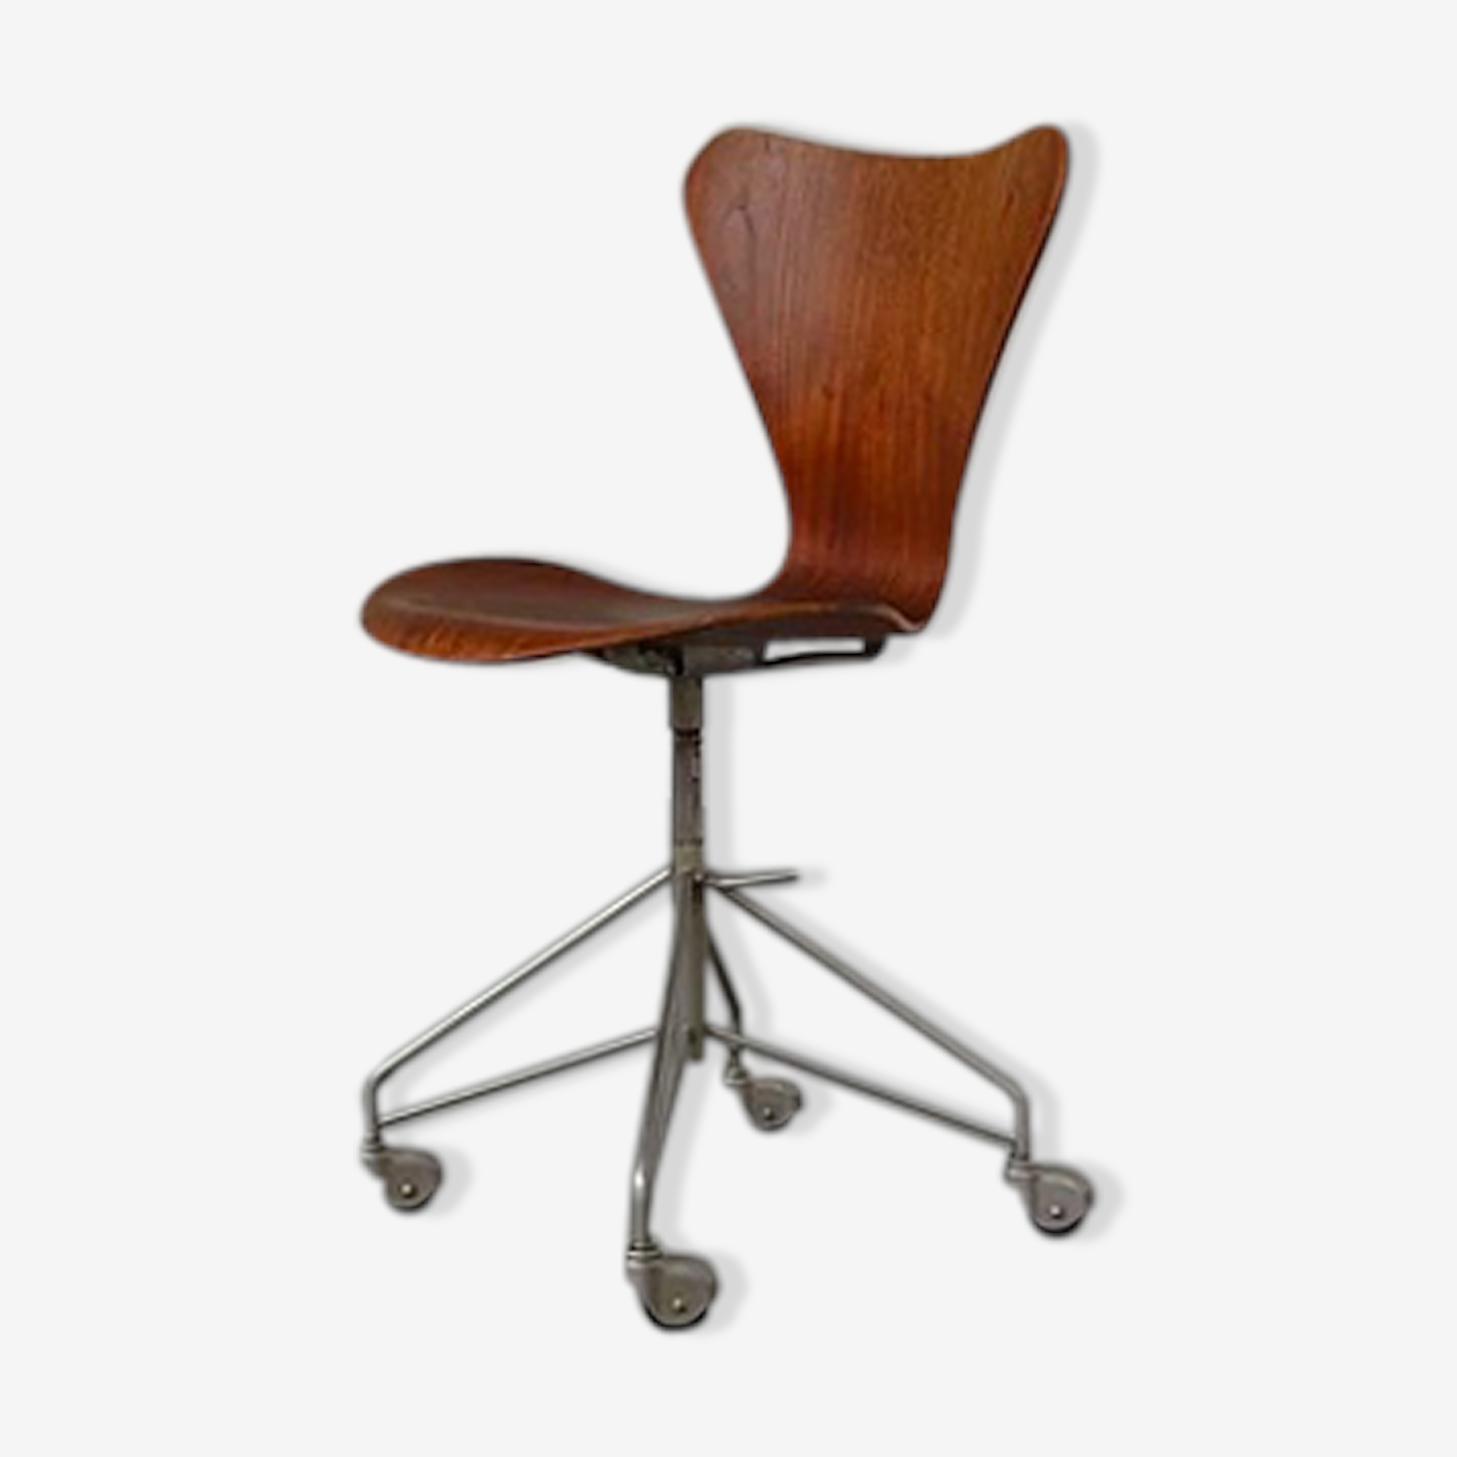 Chaise De Bureau Jacobsen Bois Materiau Marron Design Wsu98q2